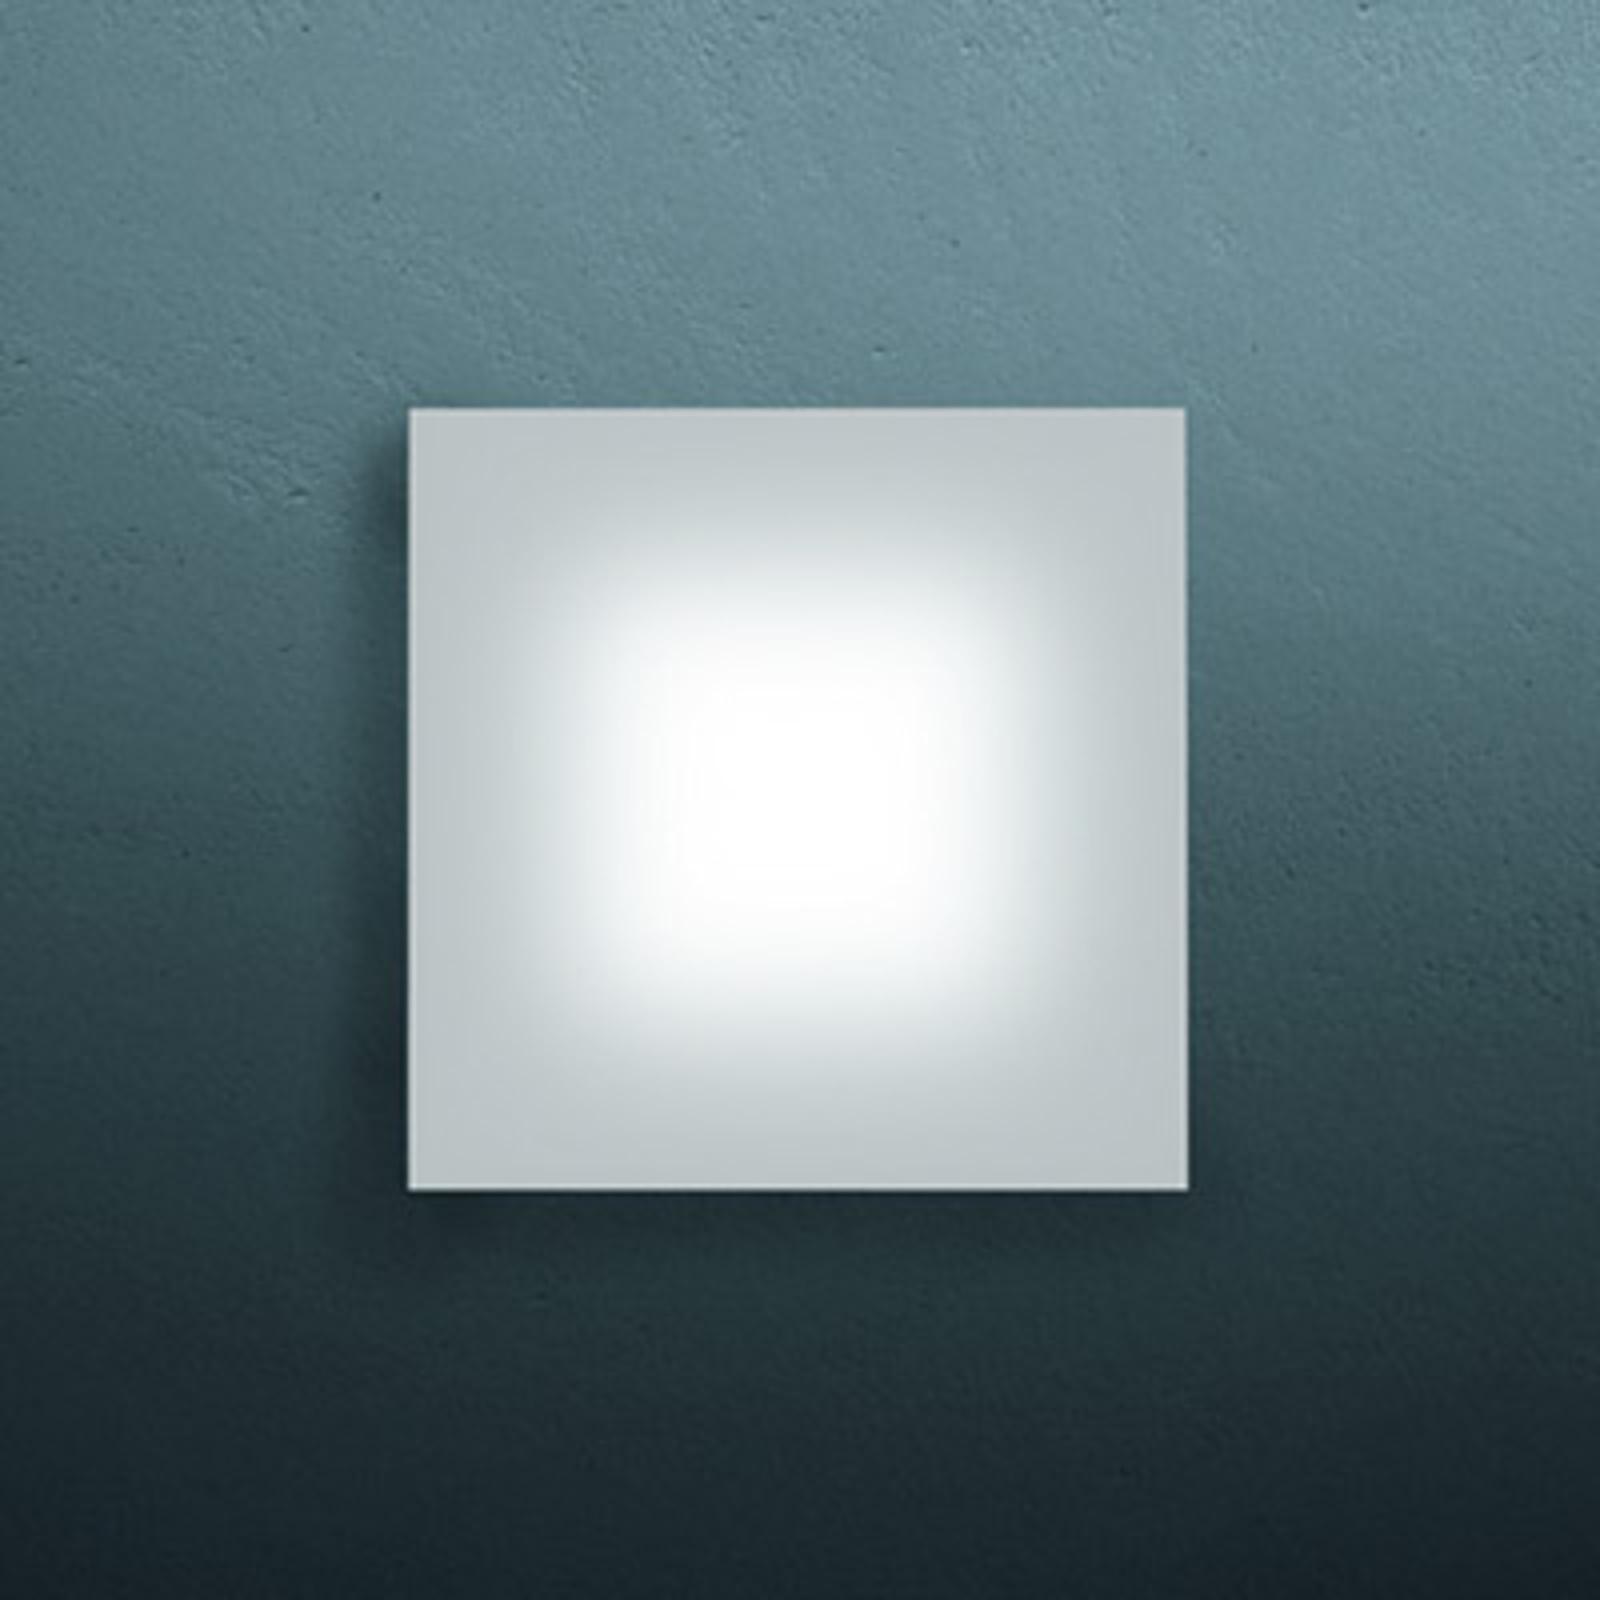 Acquista Plafoniera LED ultrapiatta Sole, 12 cm